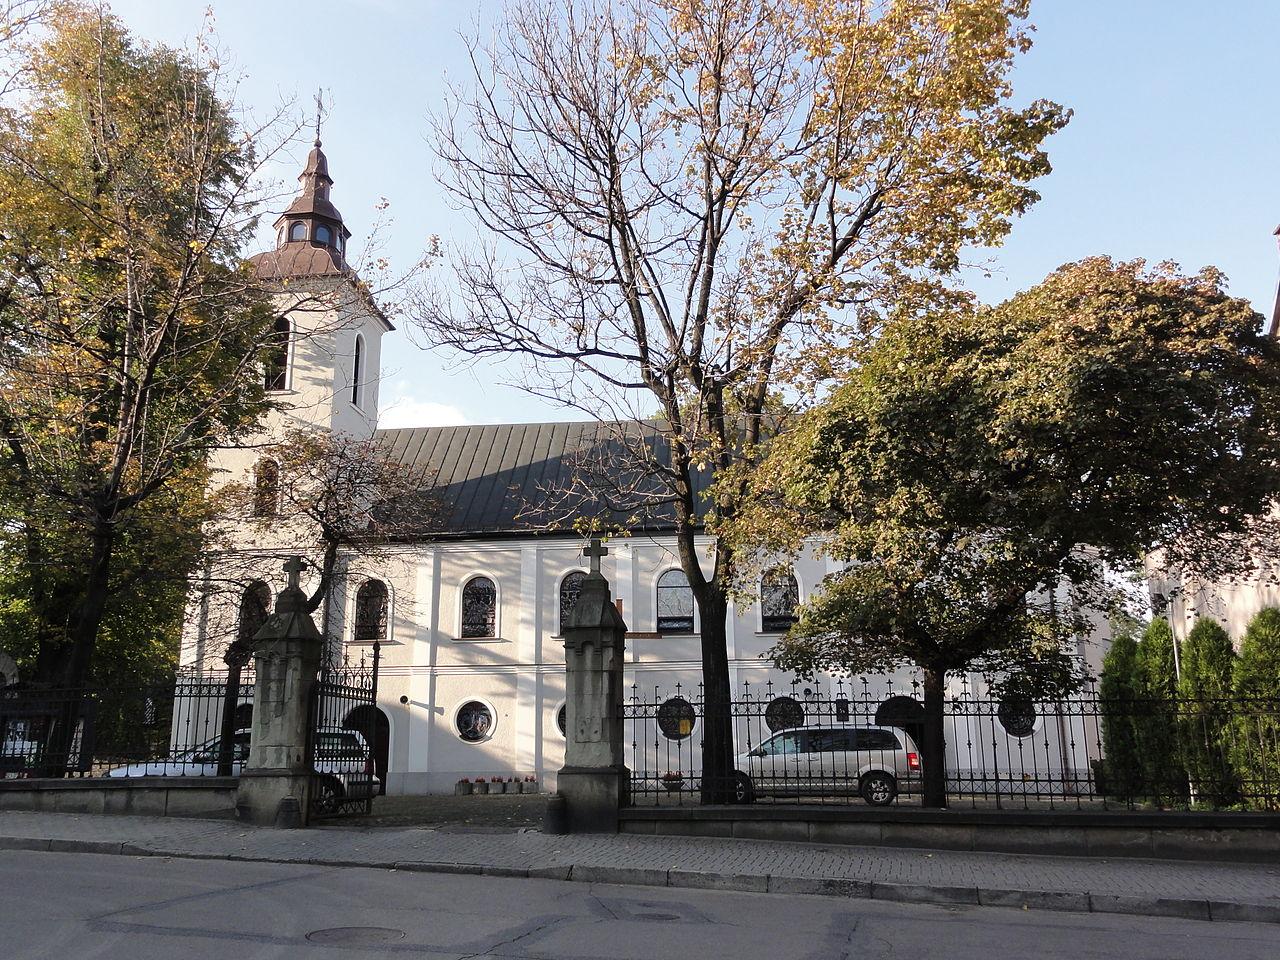 Kościół Świętej Trójcy w Bielsku-Białej